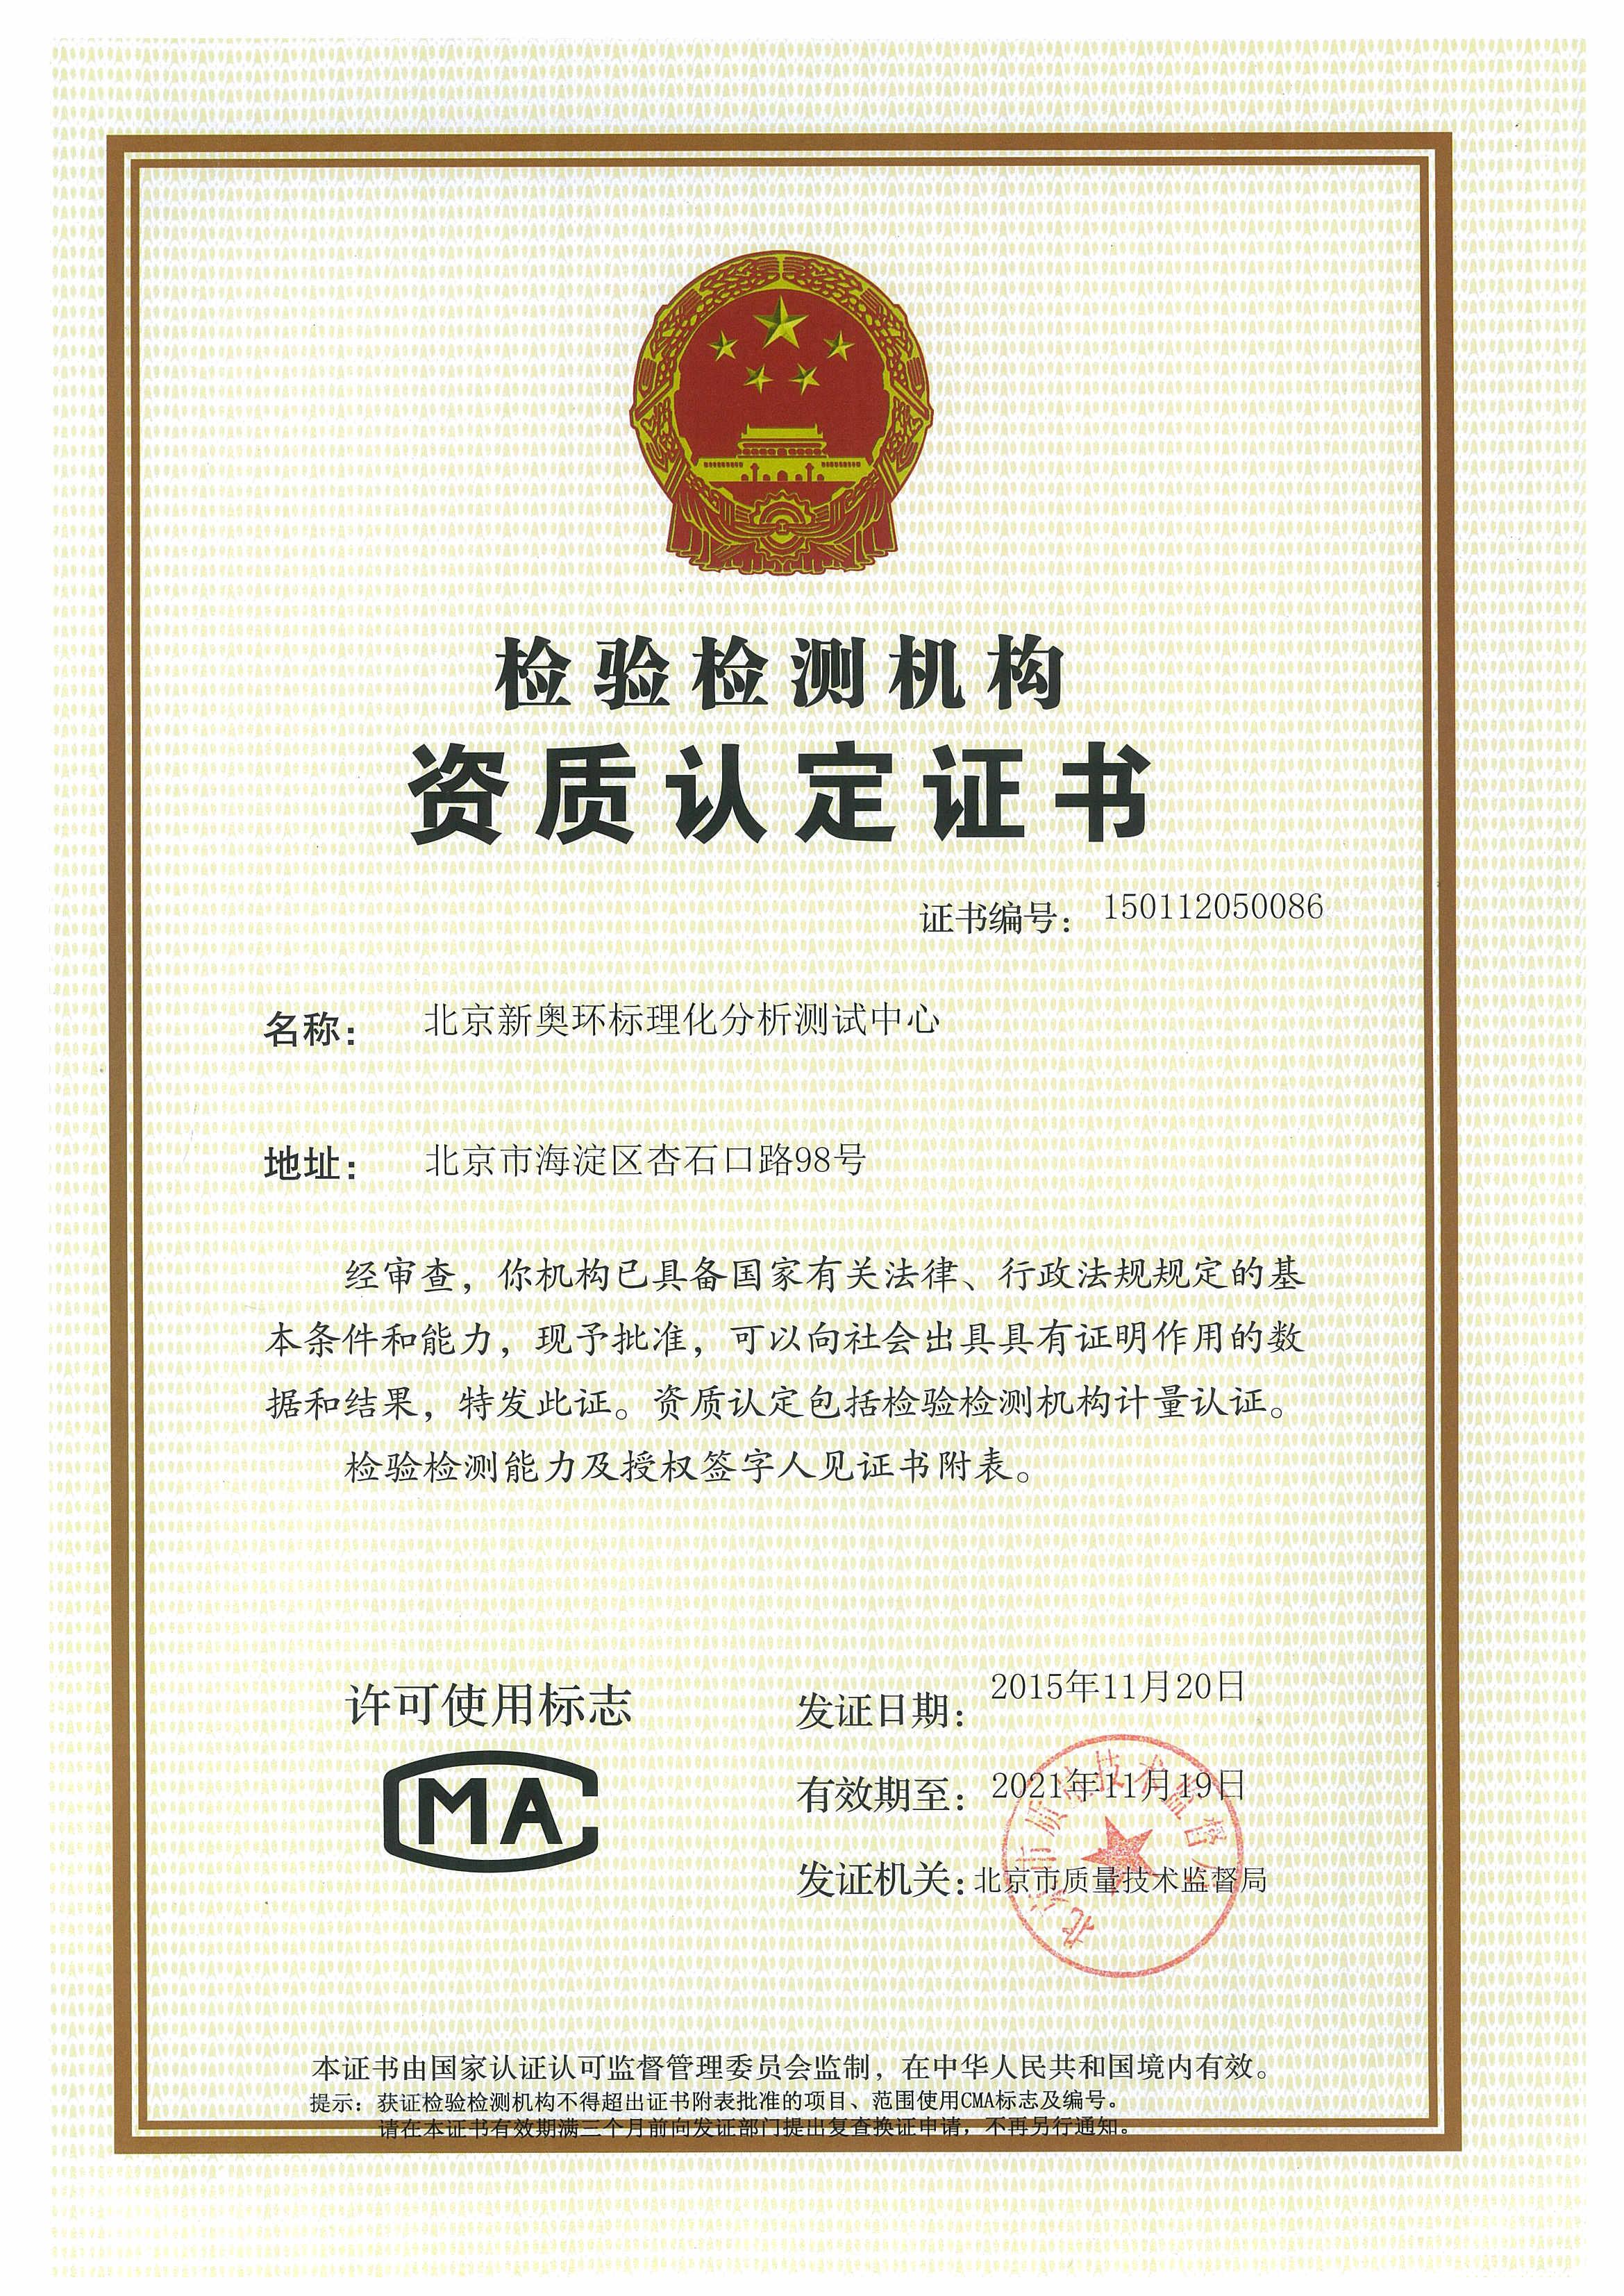 CMA资质认定证书